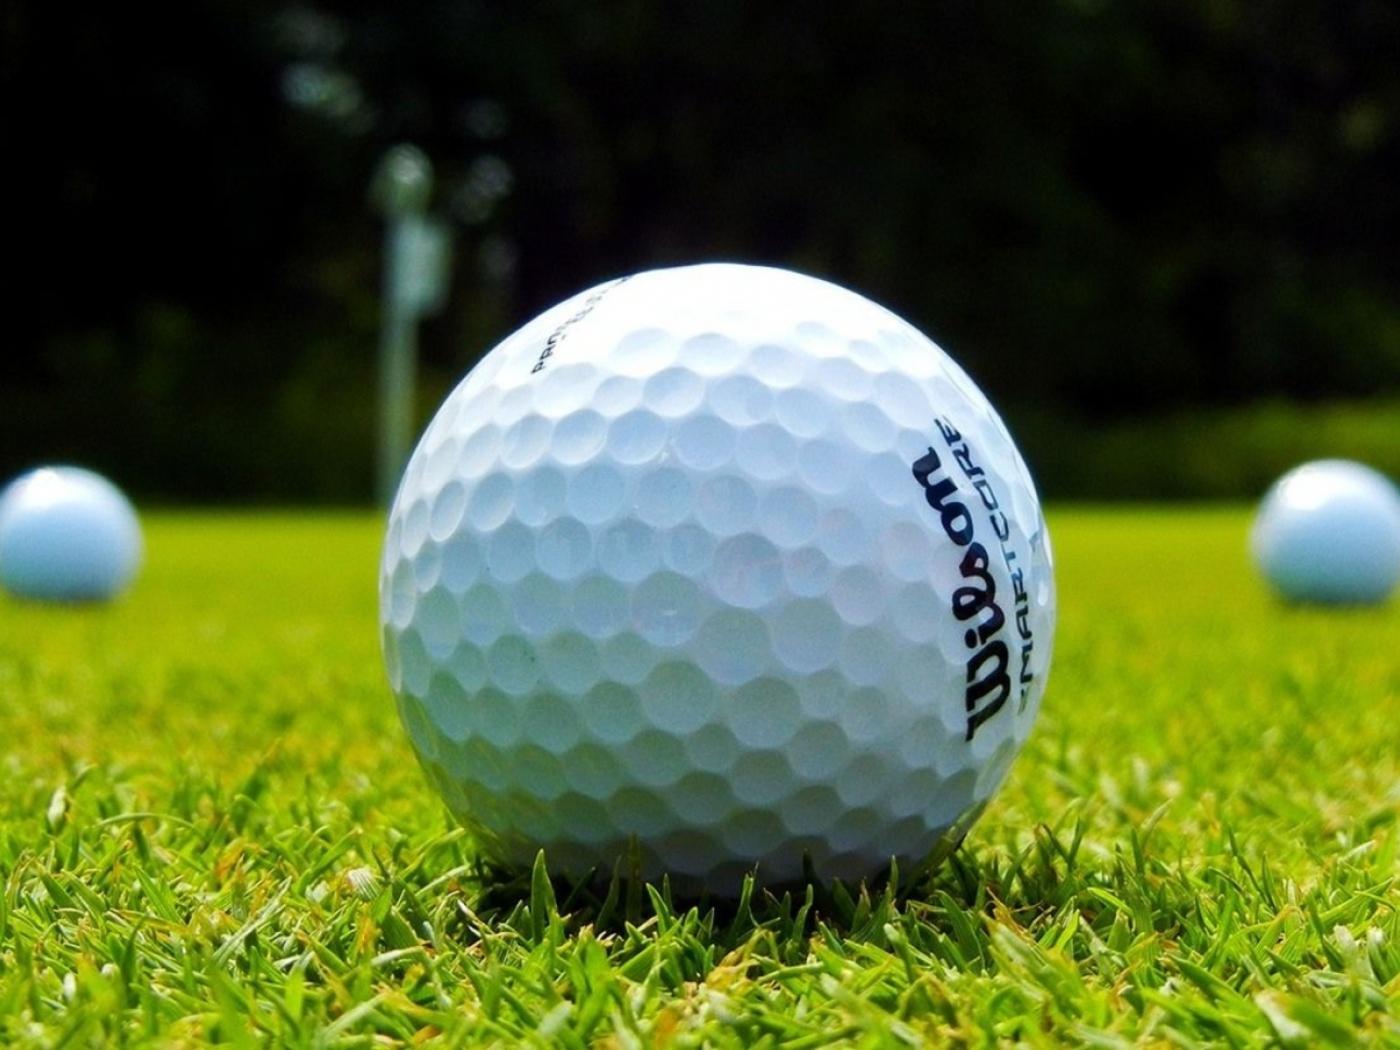 спорт sports гольф Golf  № 3310353 загрузить